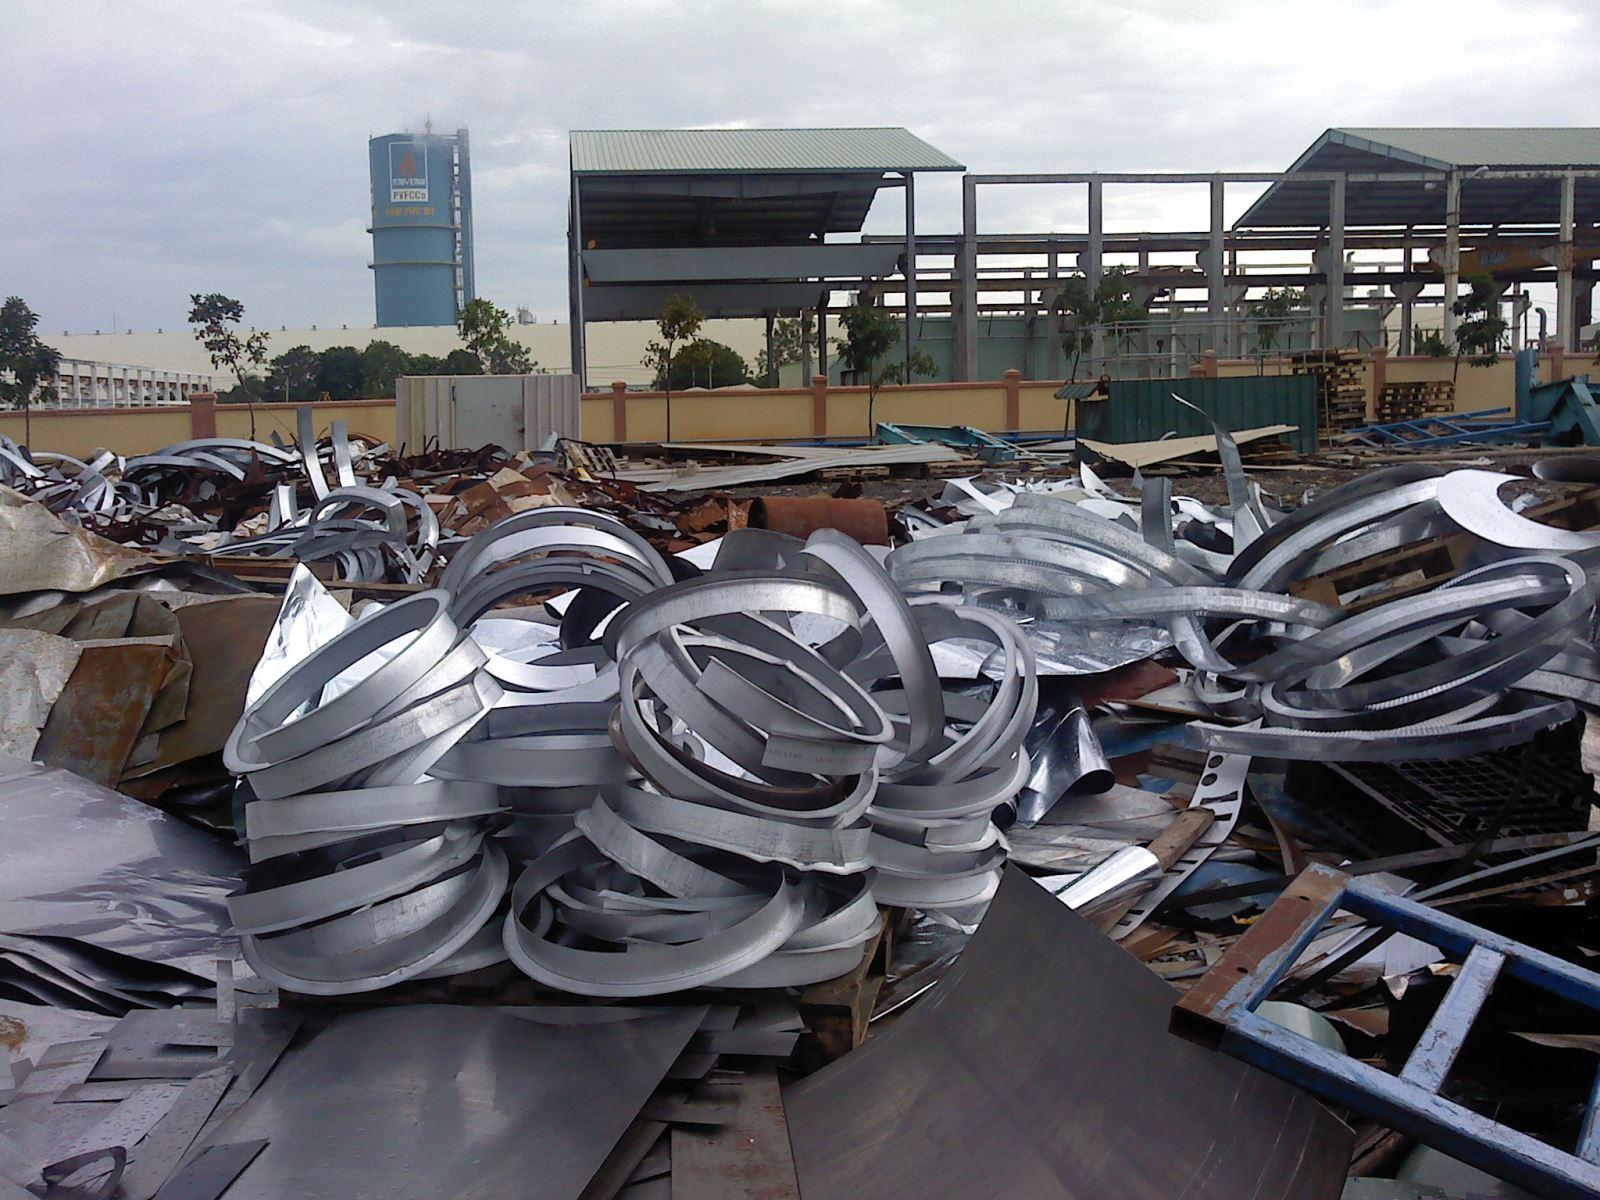 Thu mua phế liệu sắt thép gang nhôm inox bản kẽm Quận 11 giá cao TP. HCM